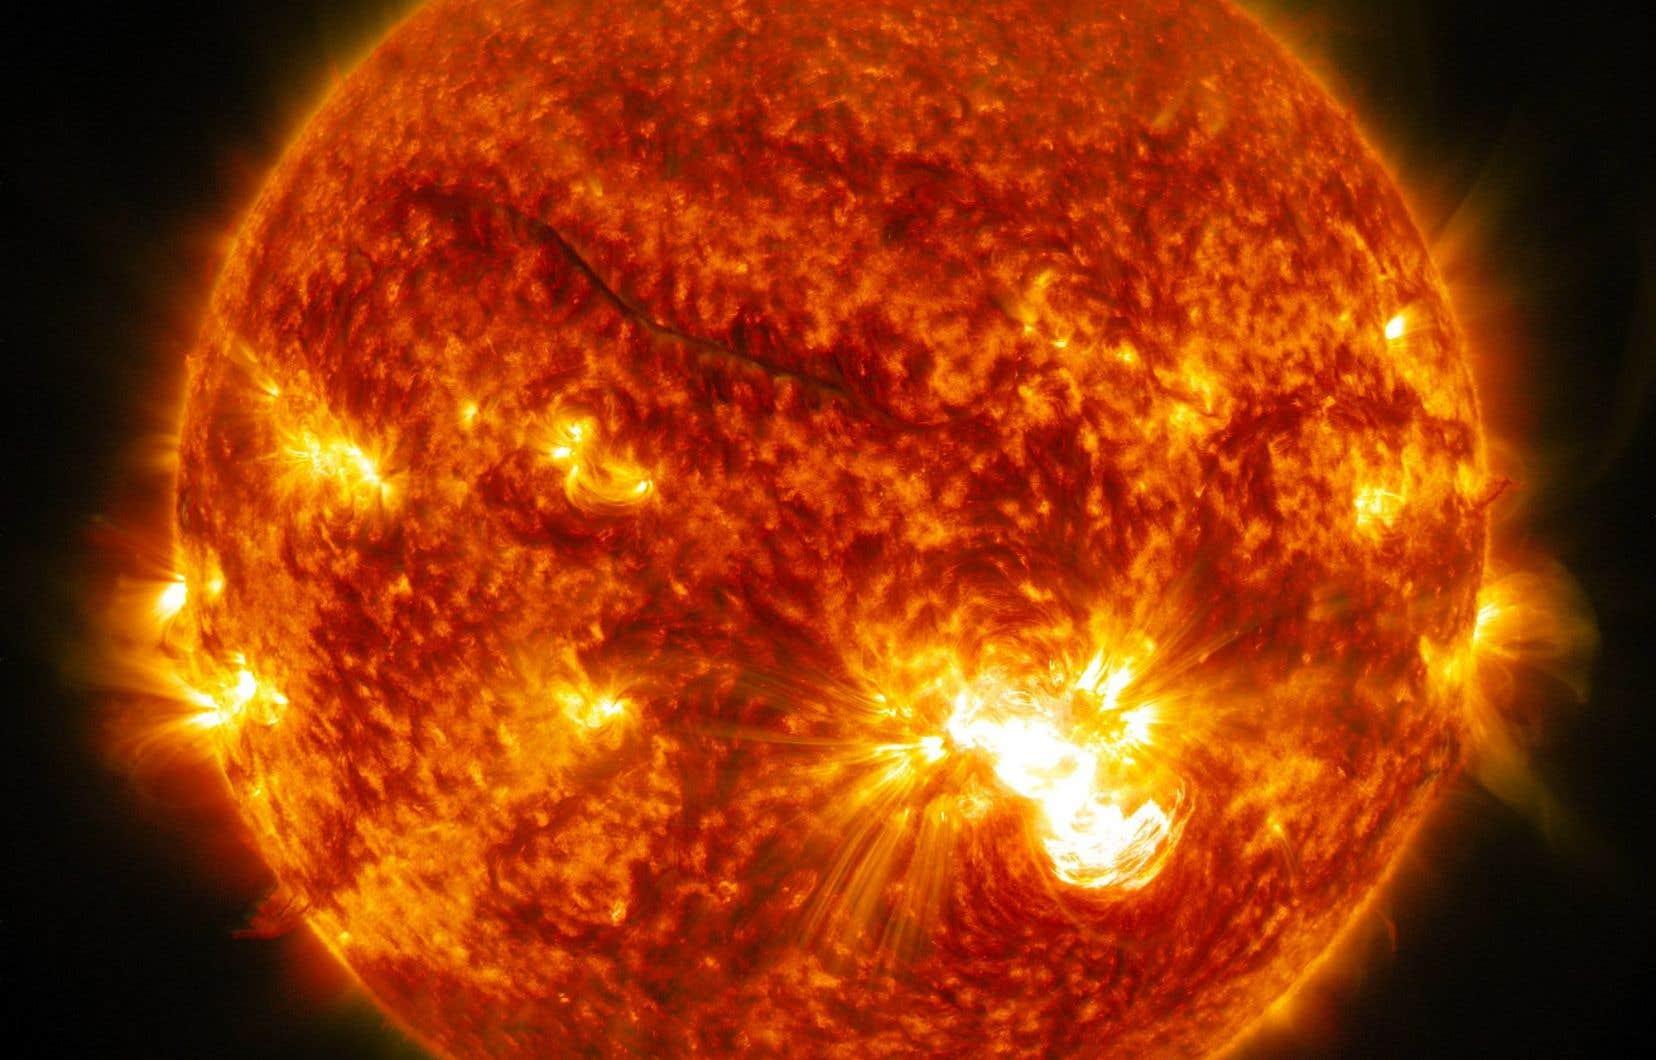 Par endroits, la couronne solaire peut atteindre deux millions de degrés, tandis que la température à la surface du soleil ne dépasse 5800 degrés.